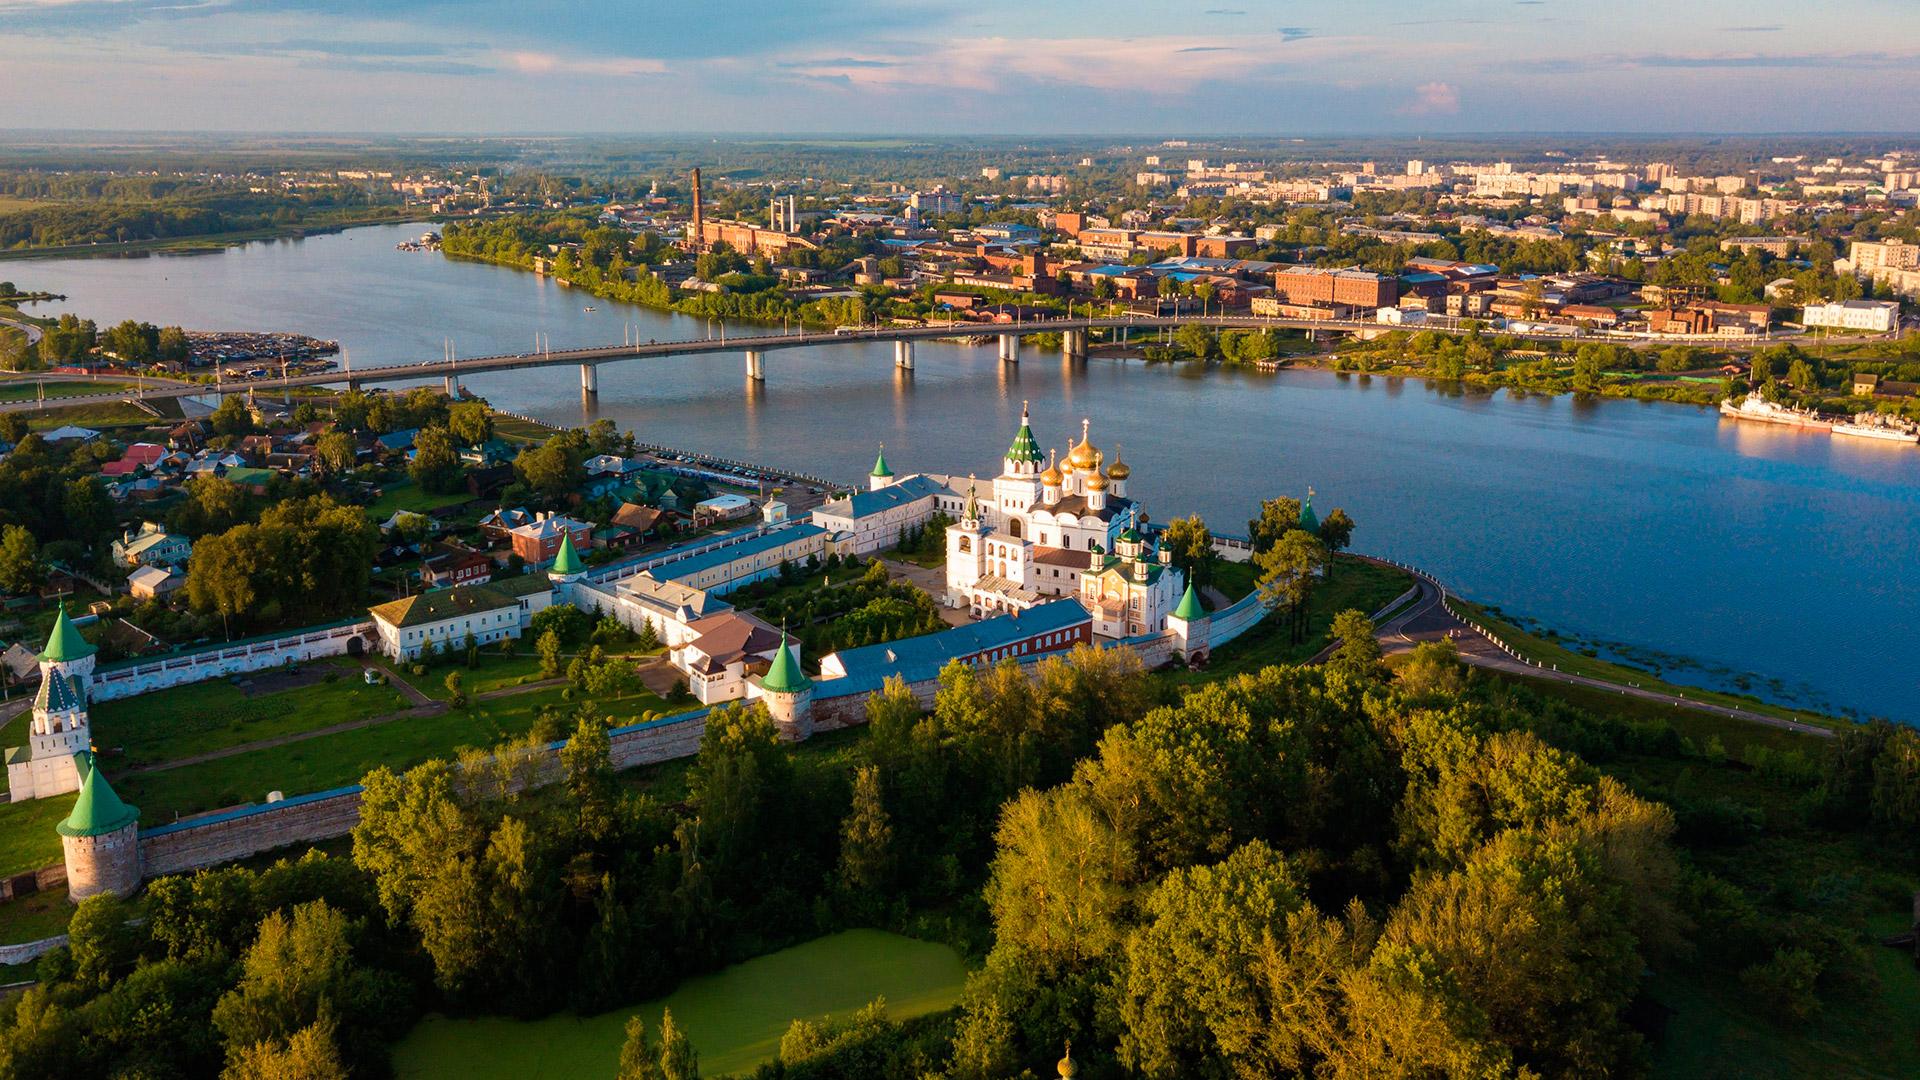 Опубликованы дата и адрес регионального этапа в Костроме